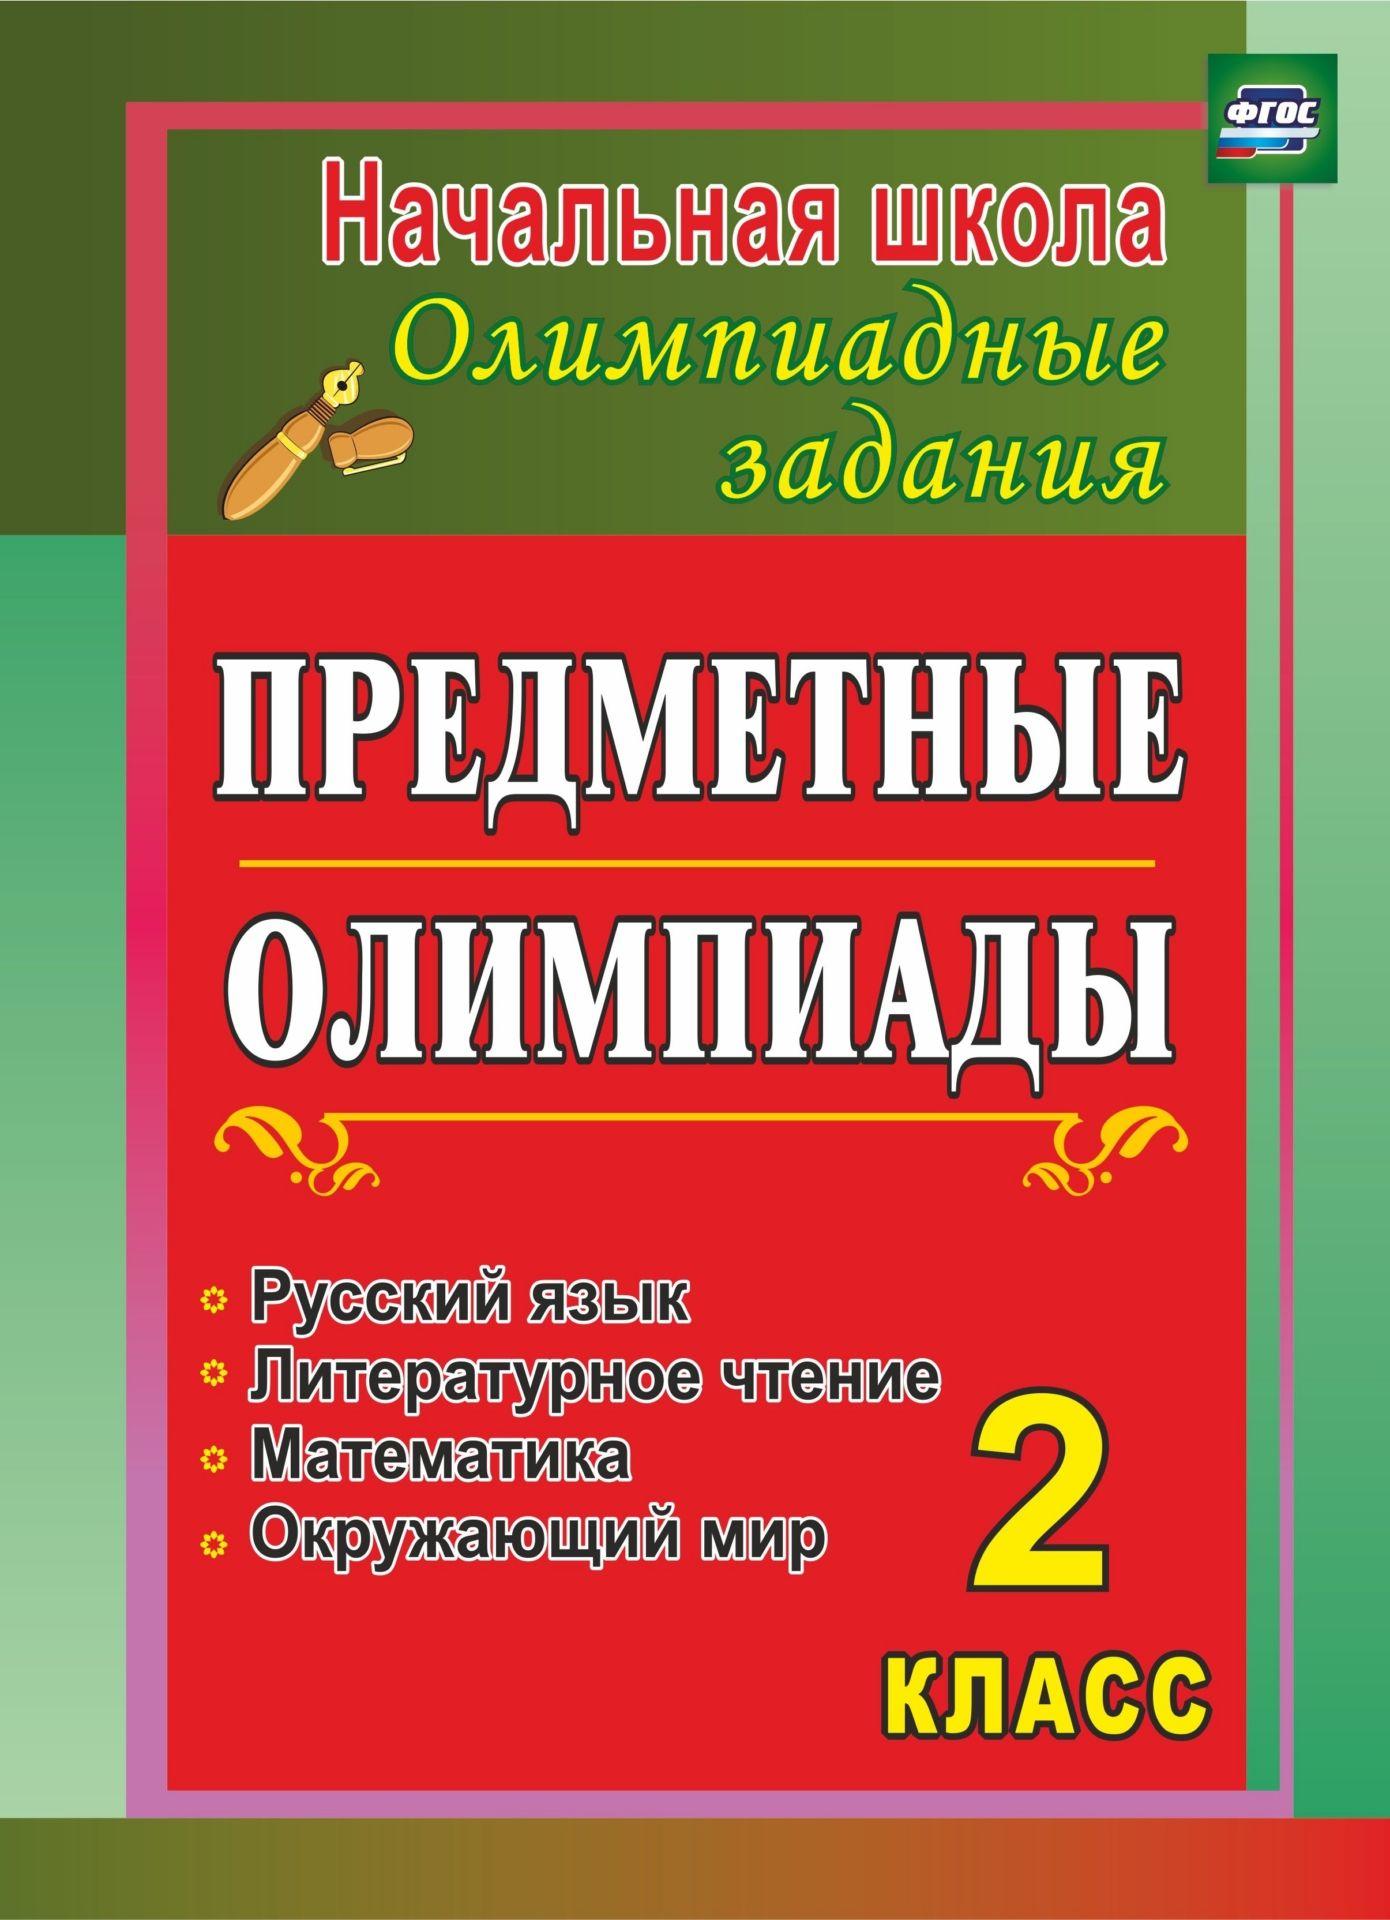 Предметные олимпиады. 2 класс. Русский язык, математика, литературное чтение, окружающий мирПредметы<br>Представленные в пособии олимпиадные задания по русскому языку, математике, ли-тературному чтению, окружающему миру с ответами для учащихся 2 класса помогут педагогу научить младших школьников использовать общеучебные, логические и познавательные универса...<br><br>Авторы: Григоренко А. А.<br>Год: 2017<br>Серия: Начальная школа<br>ISBN: 978-5-7057-3823-6<br>Высота: 285<br>Ширина: 203<br>Толщина: 1<br>Переплёт: мягкая, скрепка